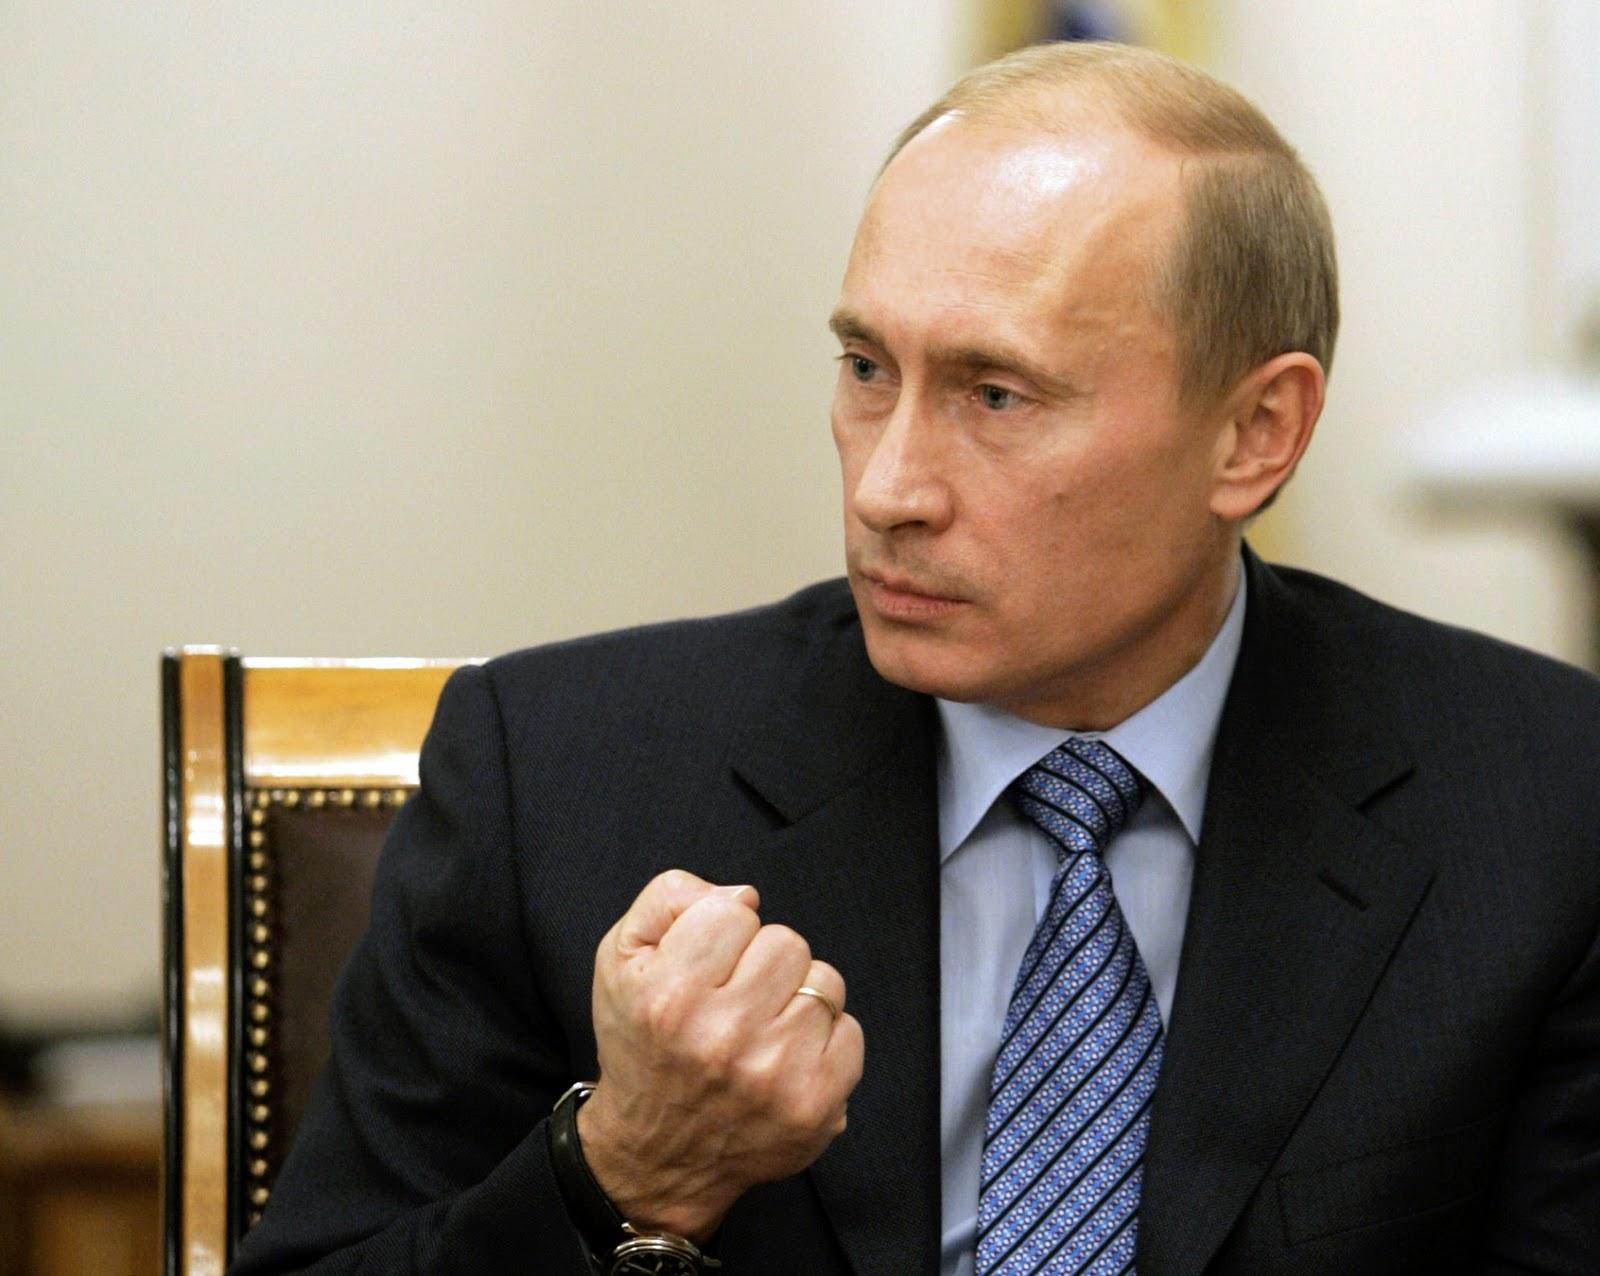 Putin: Emri verdim, saldırgan anında imha edilecek